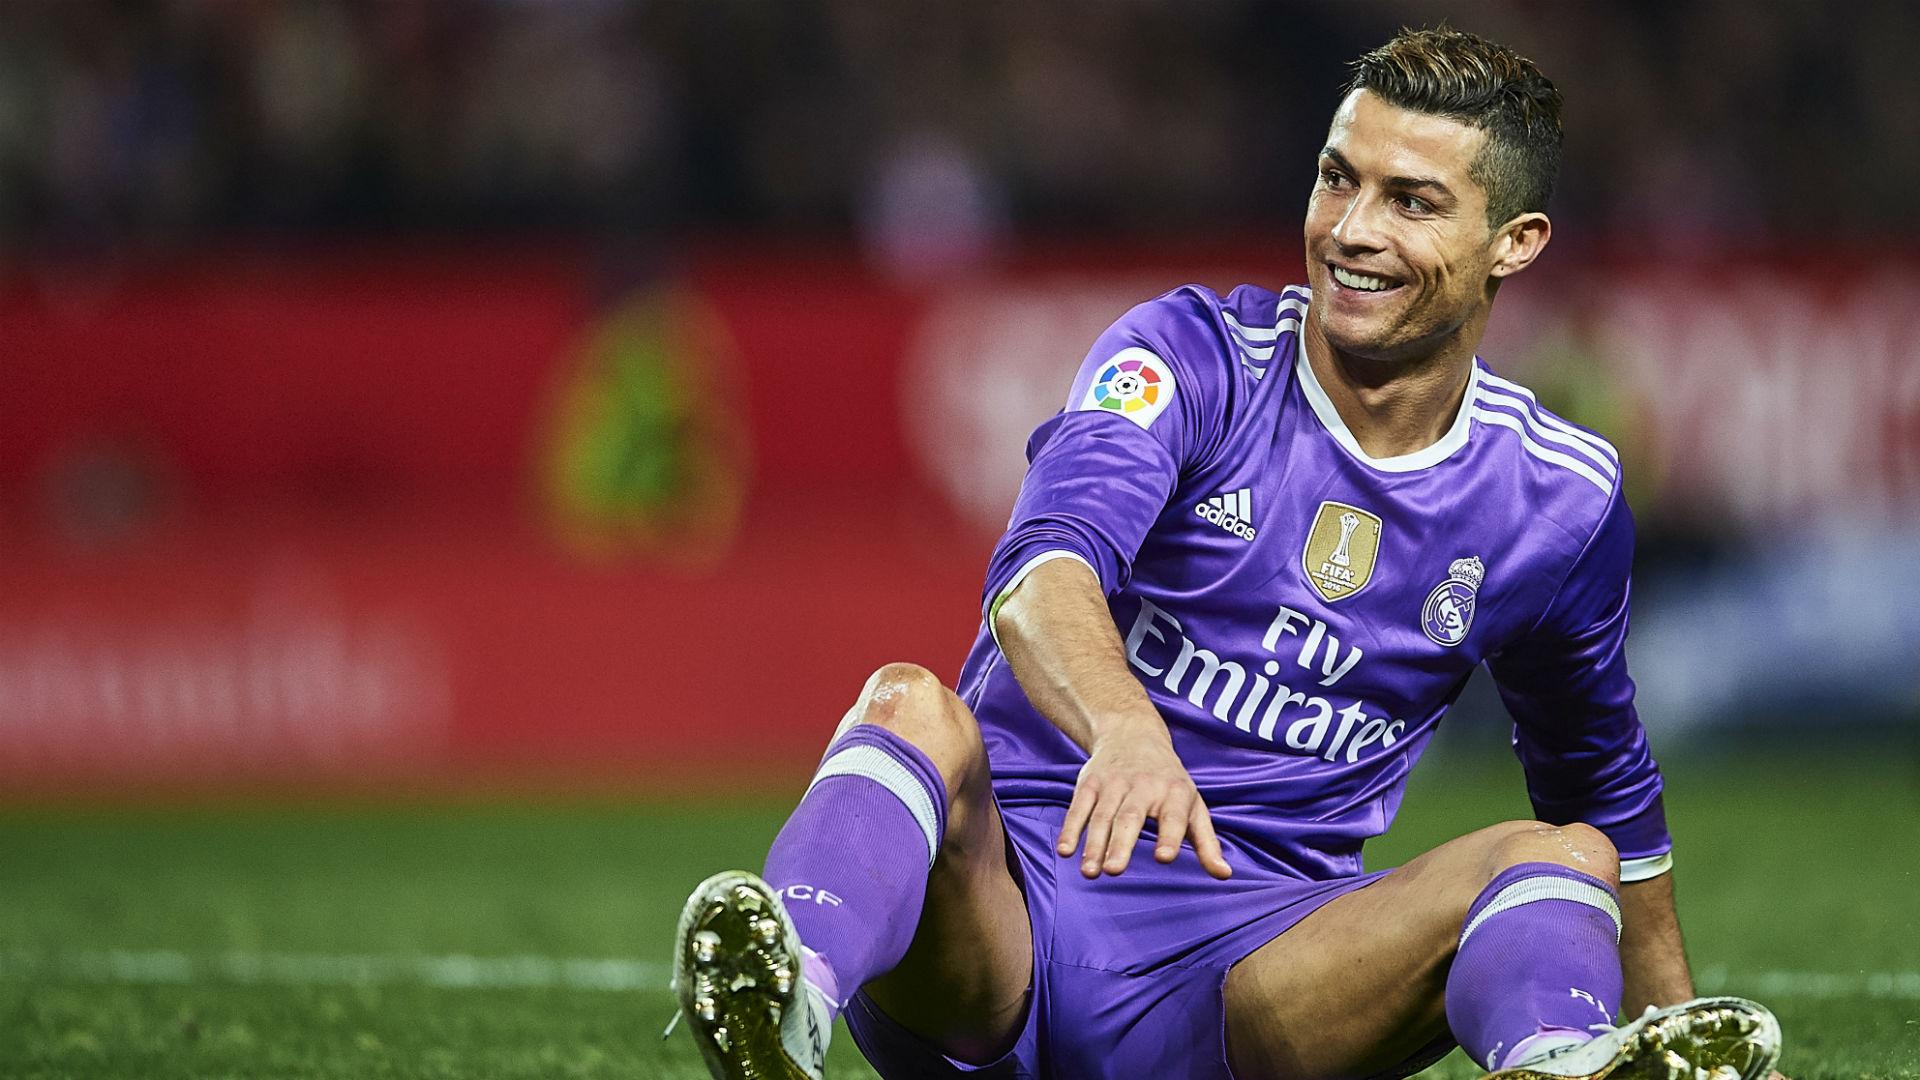 Real Madrid: Varane de retour dans le groupe, Ronaldo ménagé